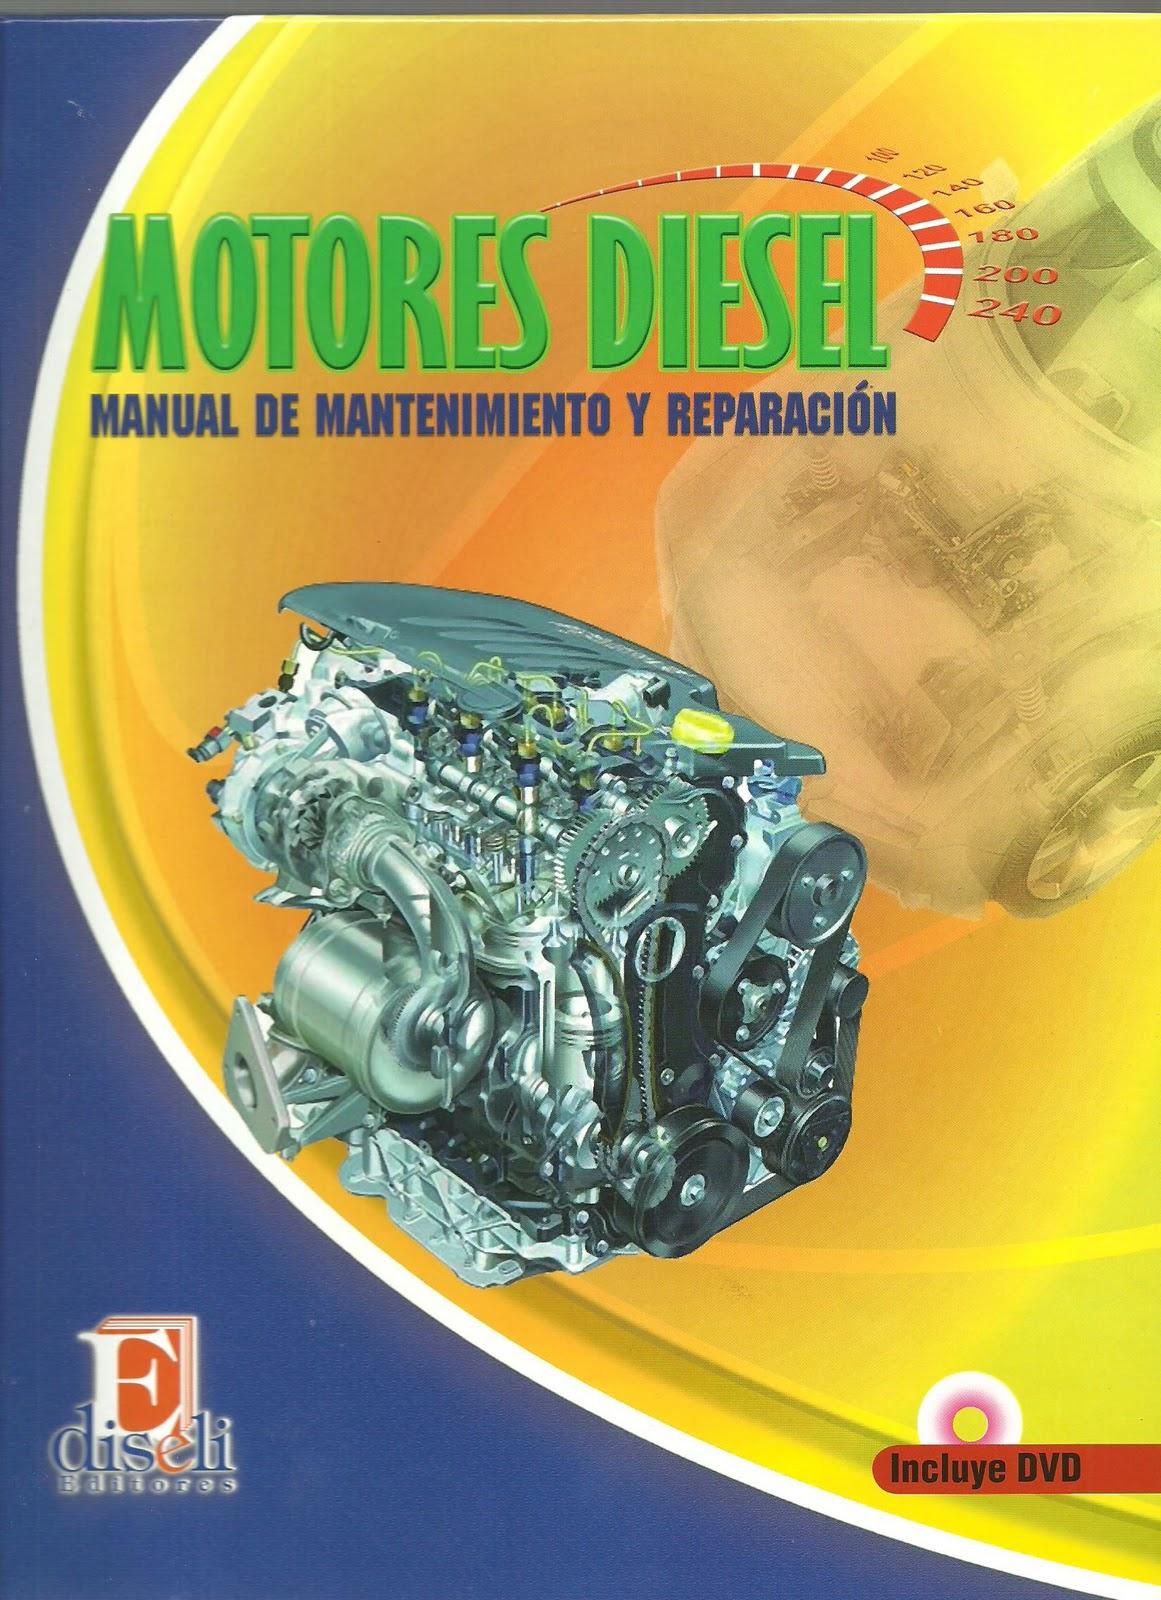 libros de despiece de motores: